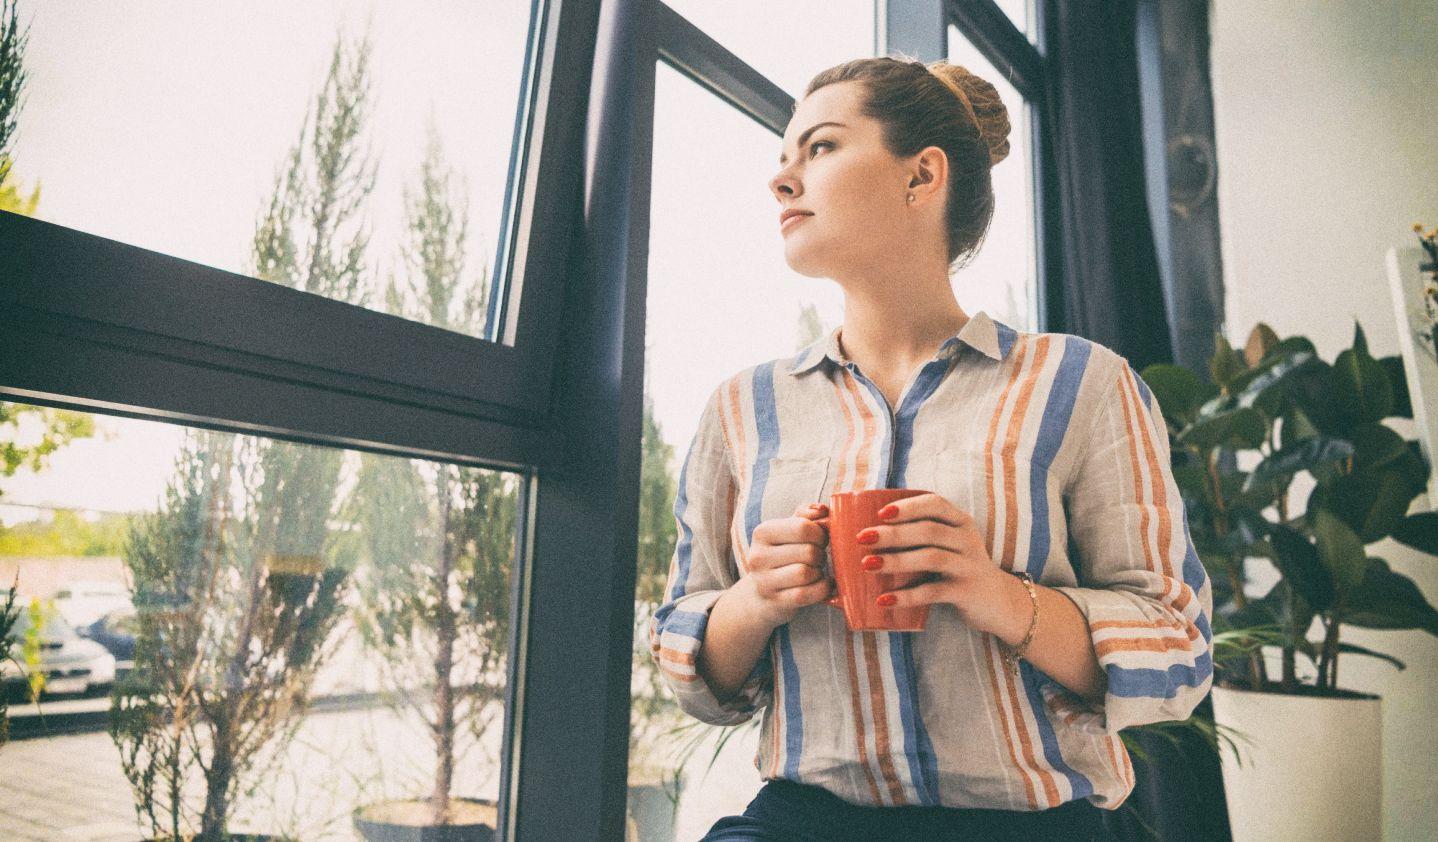 Исследование: Небольшие перерывы в работе увеличивают продуктивность сотрудника